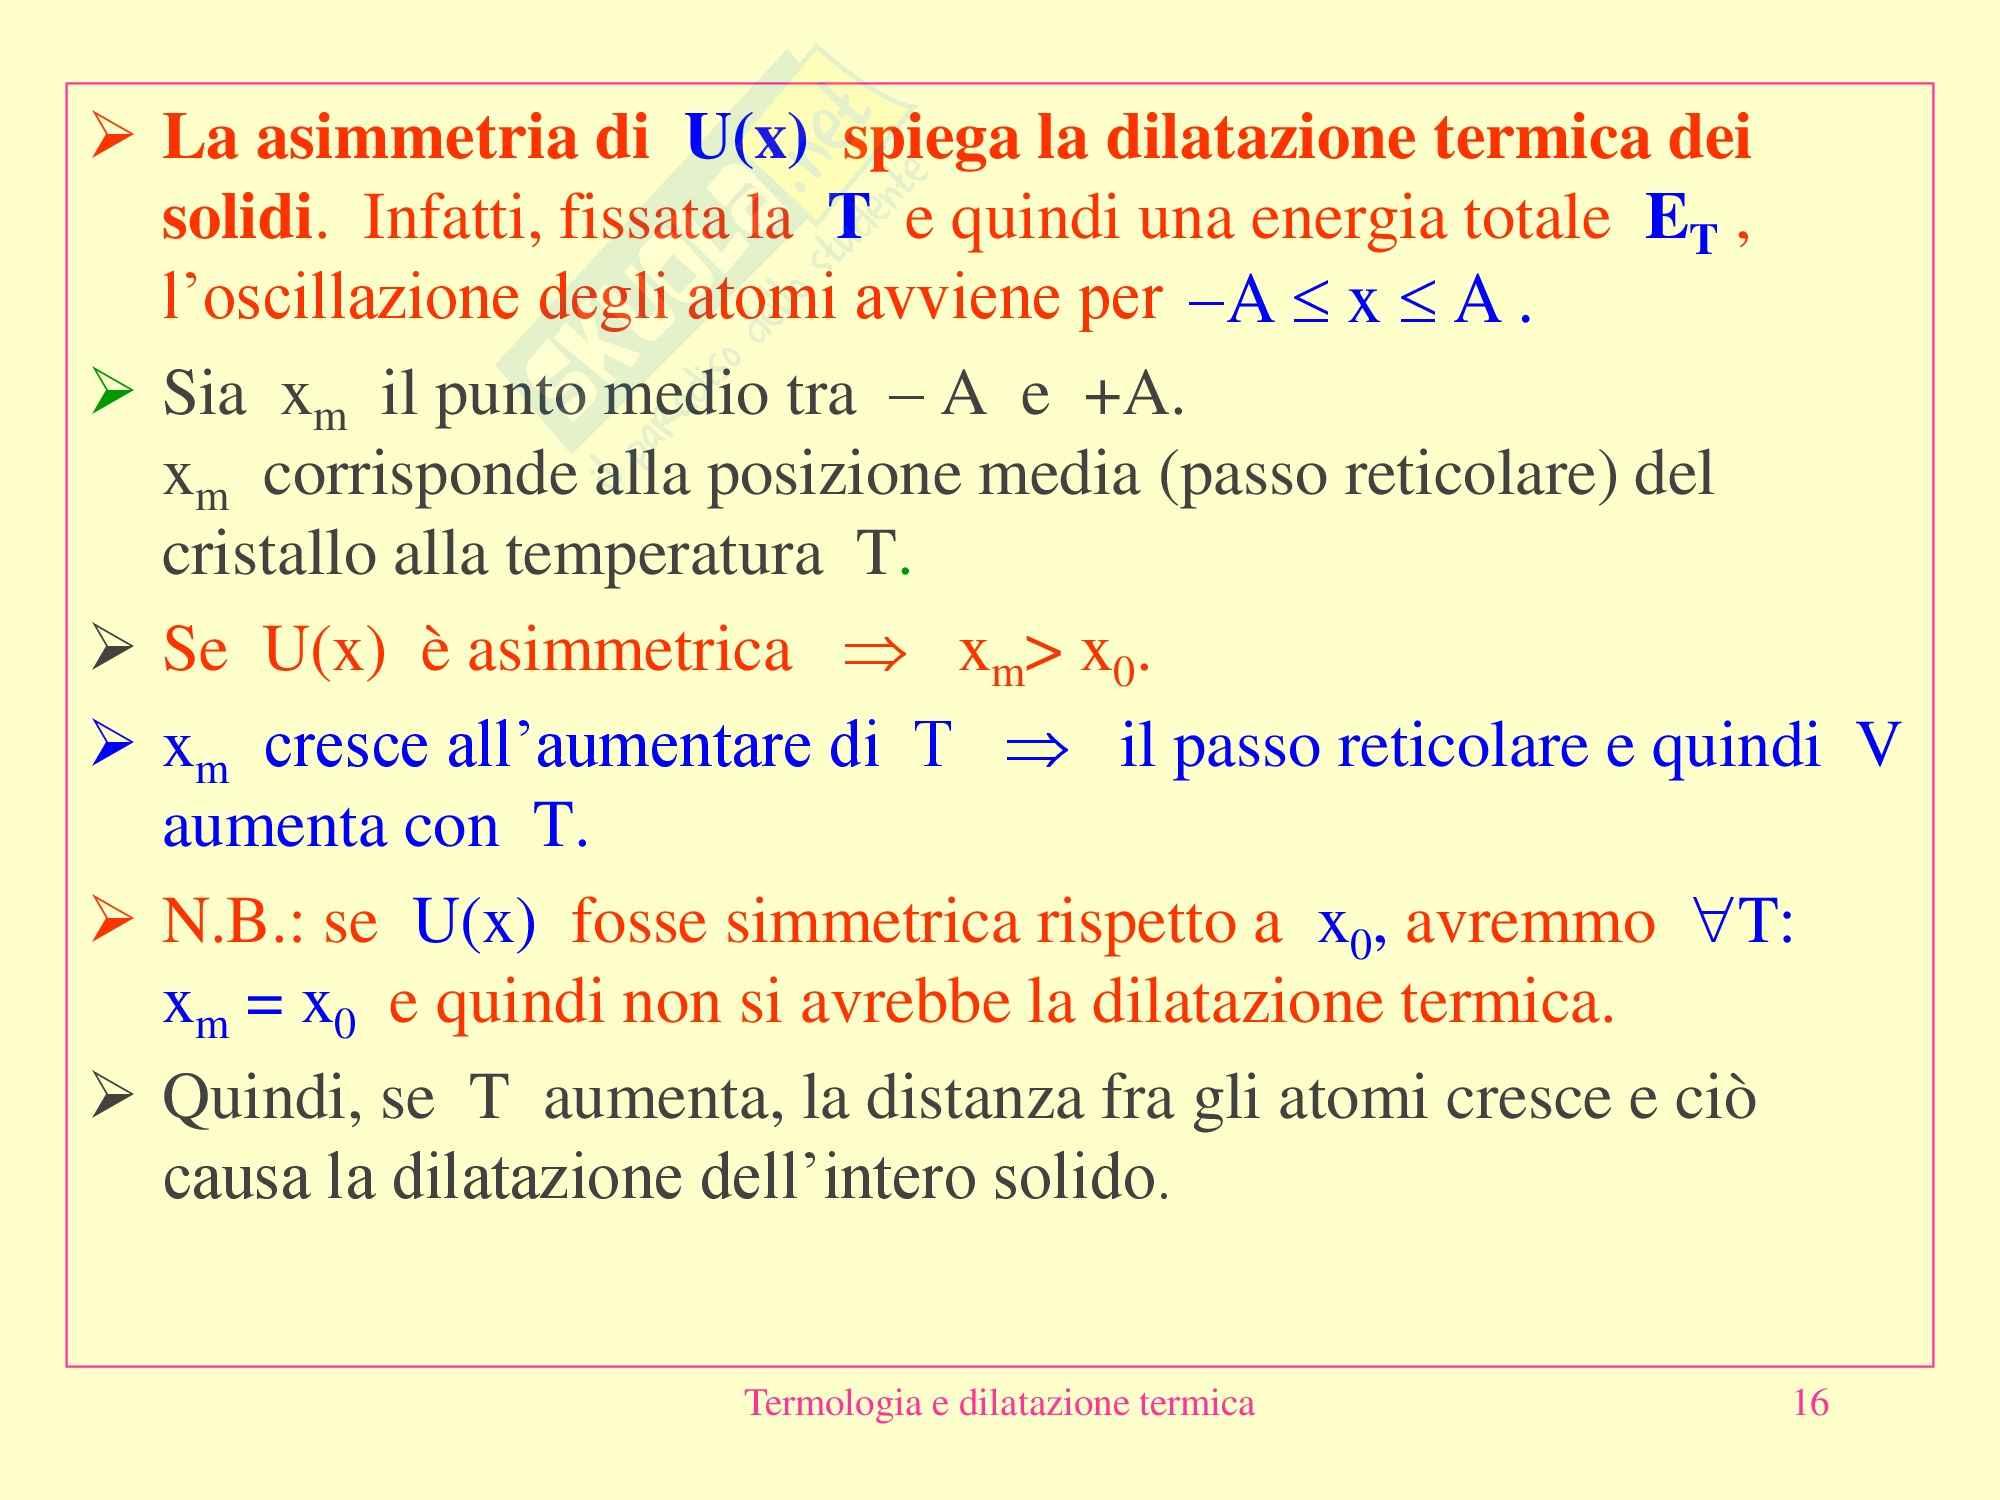 Fisica medica - Termologia e dilatazione termica Pag. 16